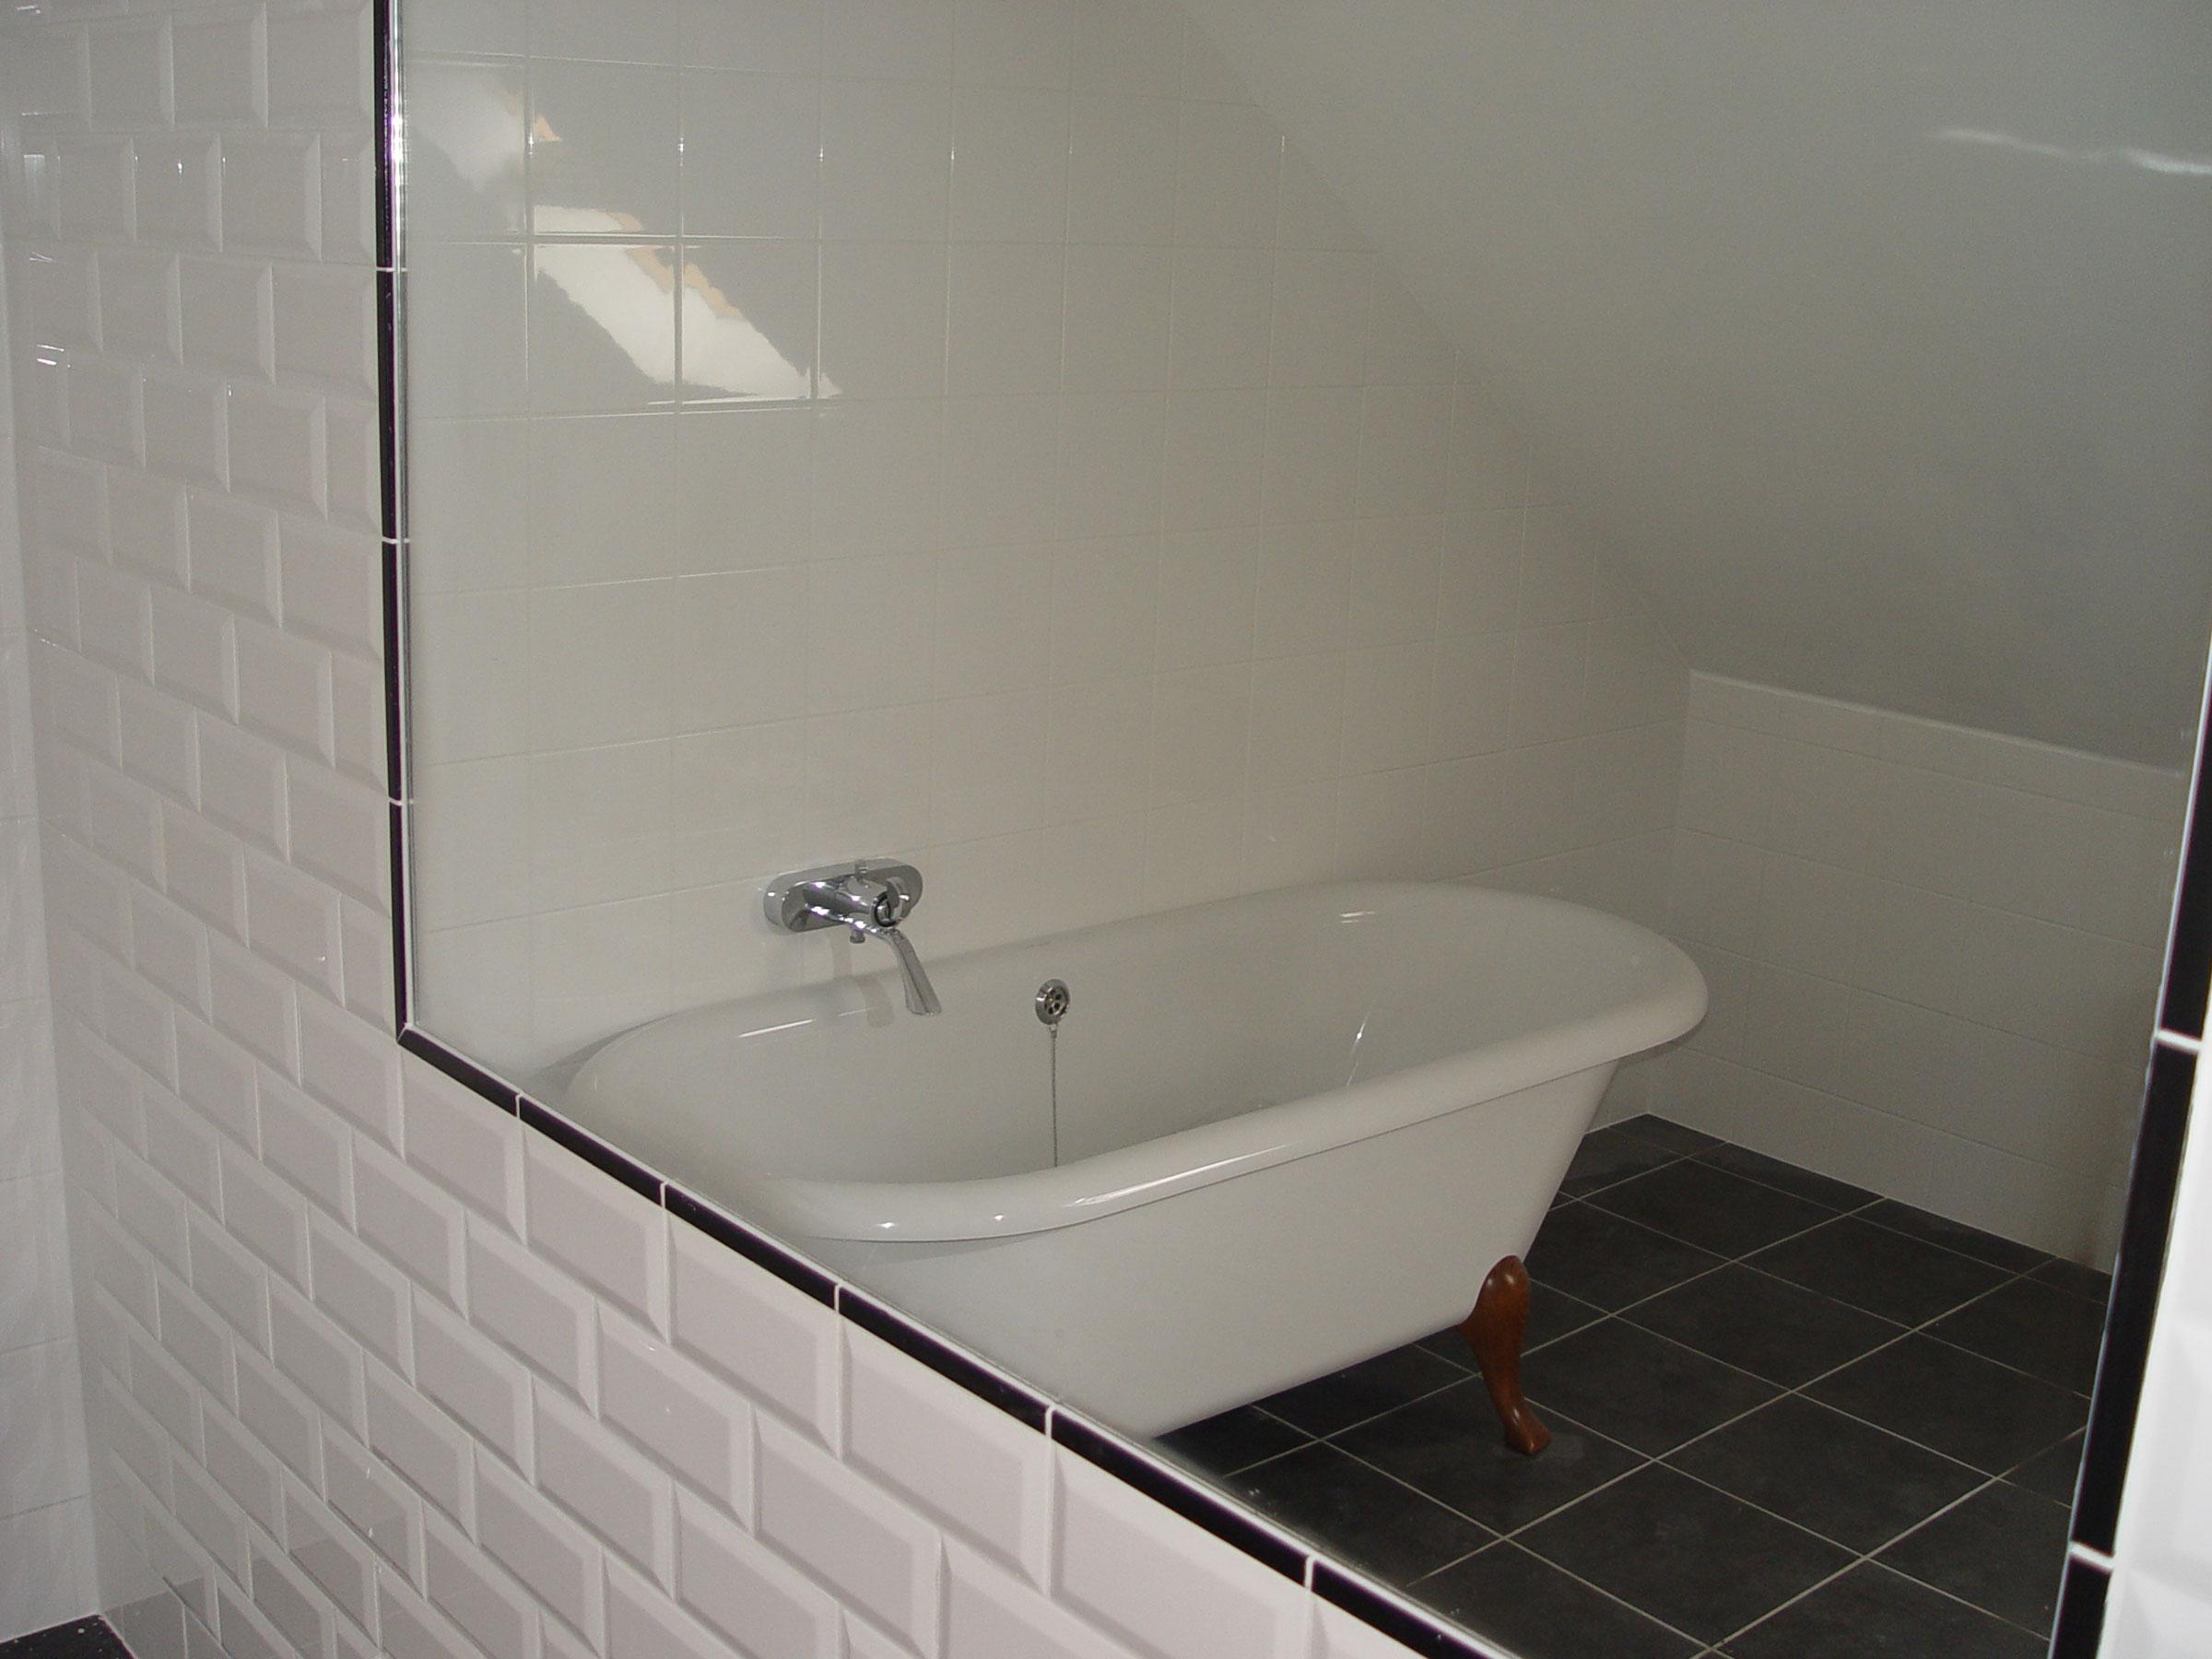 Miroir de salle de bains avec eclairage pictures galerie for Miroir de salle de bains avec eclairage